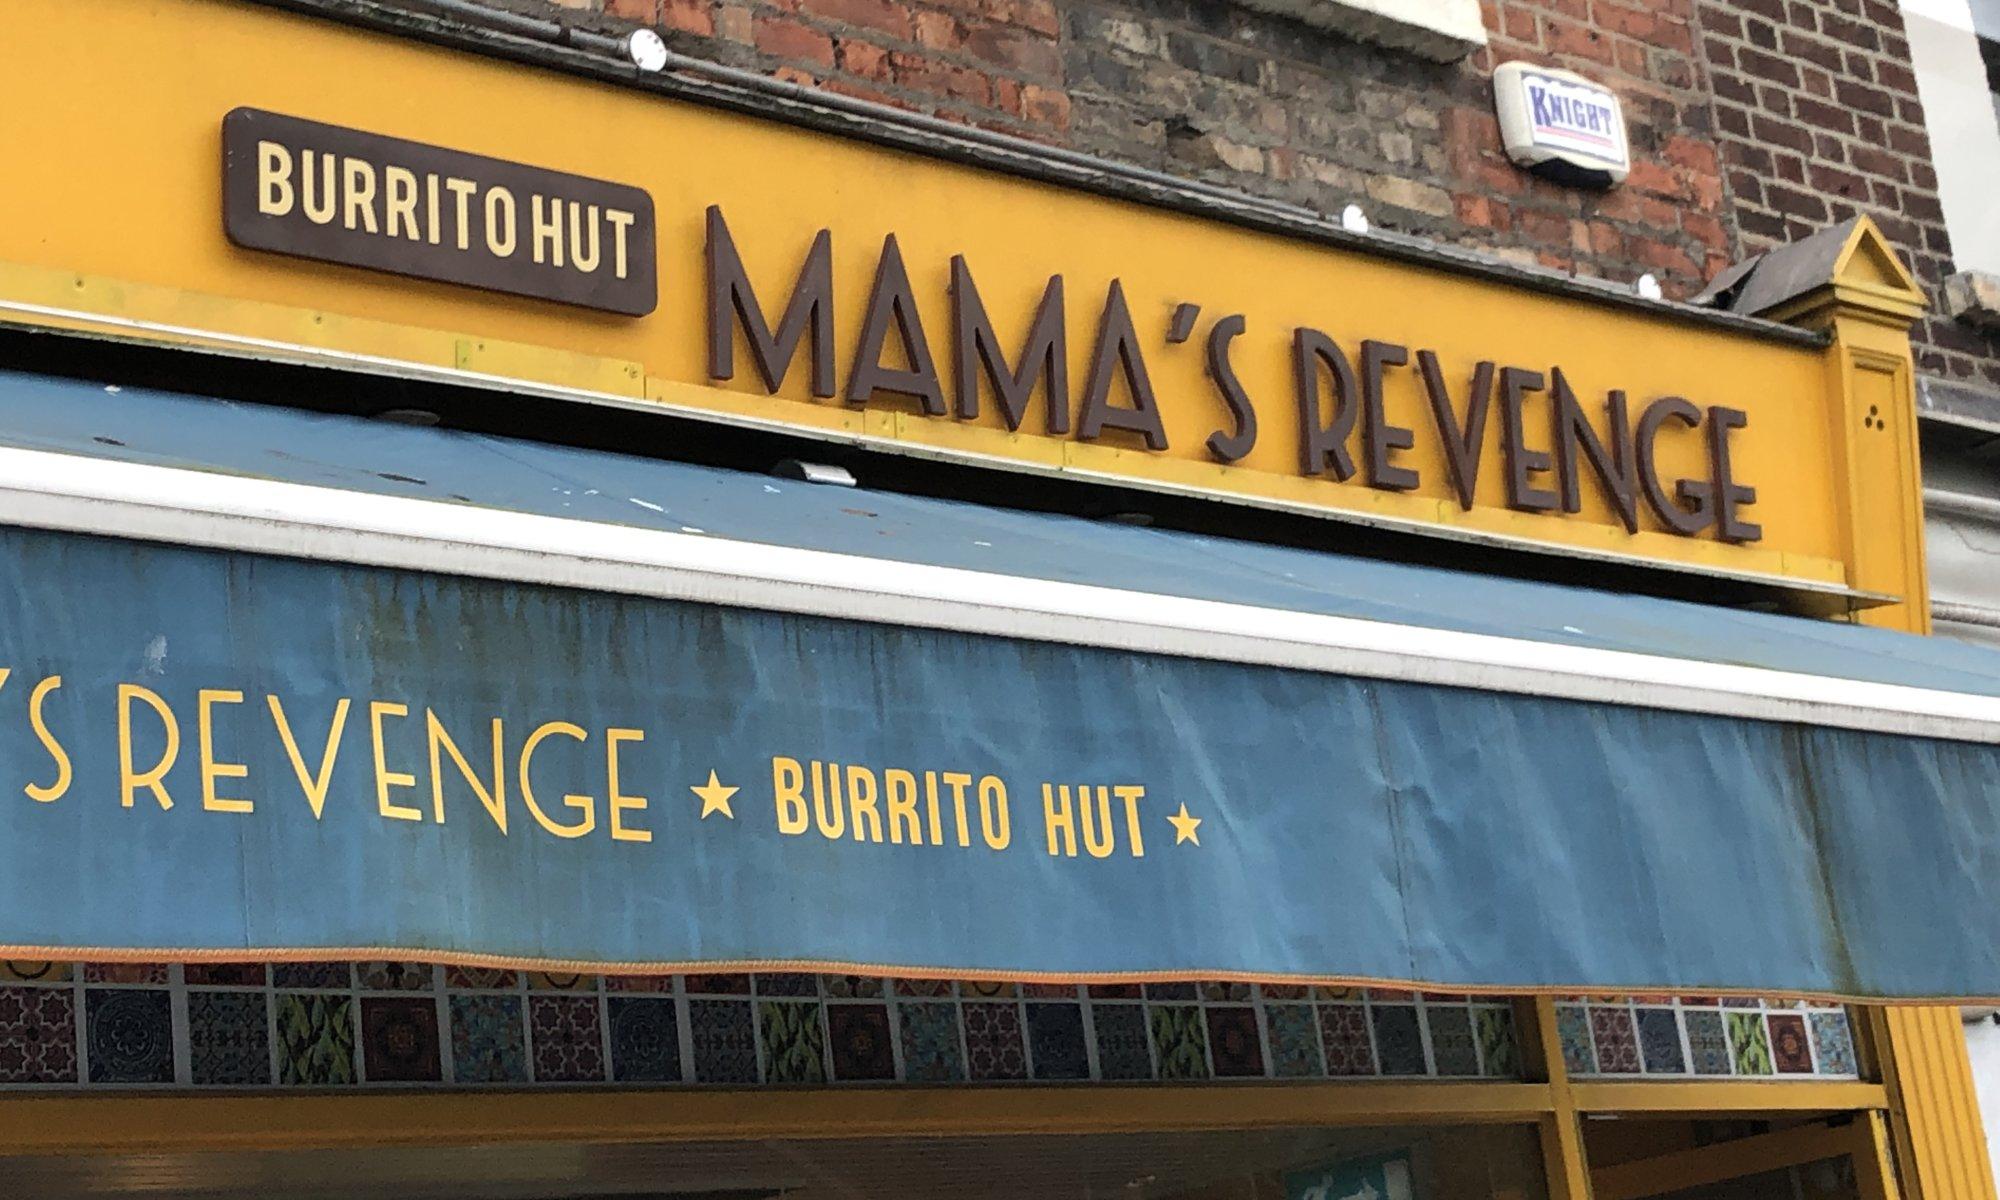 Mama's revenge, Dublin